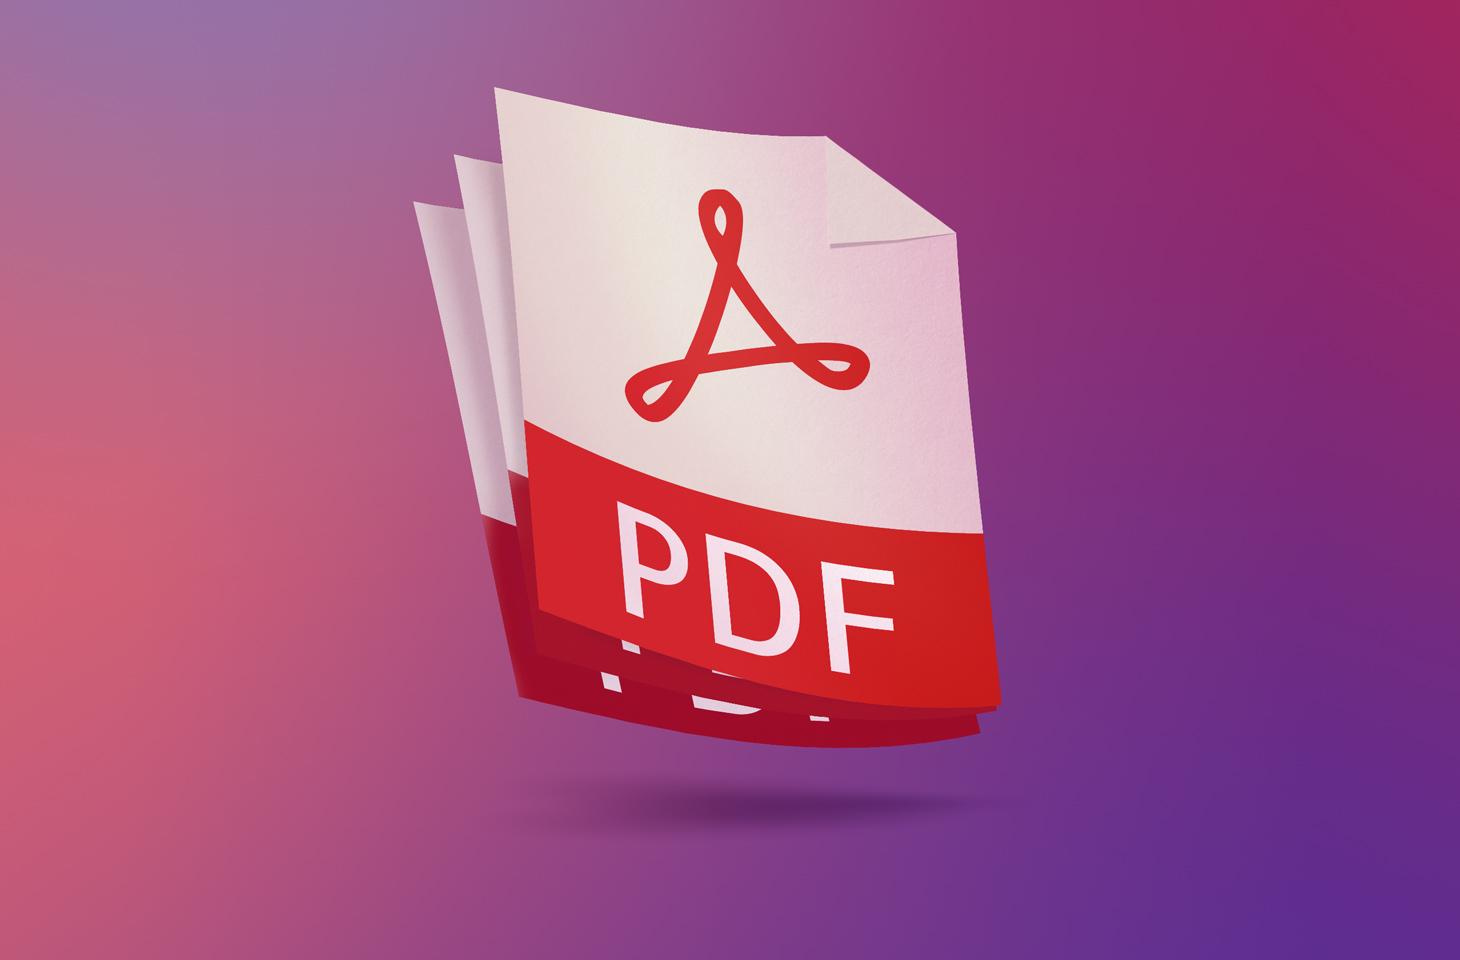 تقسیم فایل pdf بدون نیاز به برنامه یا نرم افزاری خاص